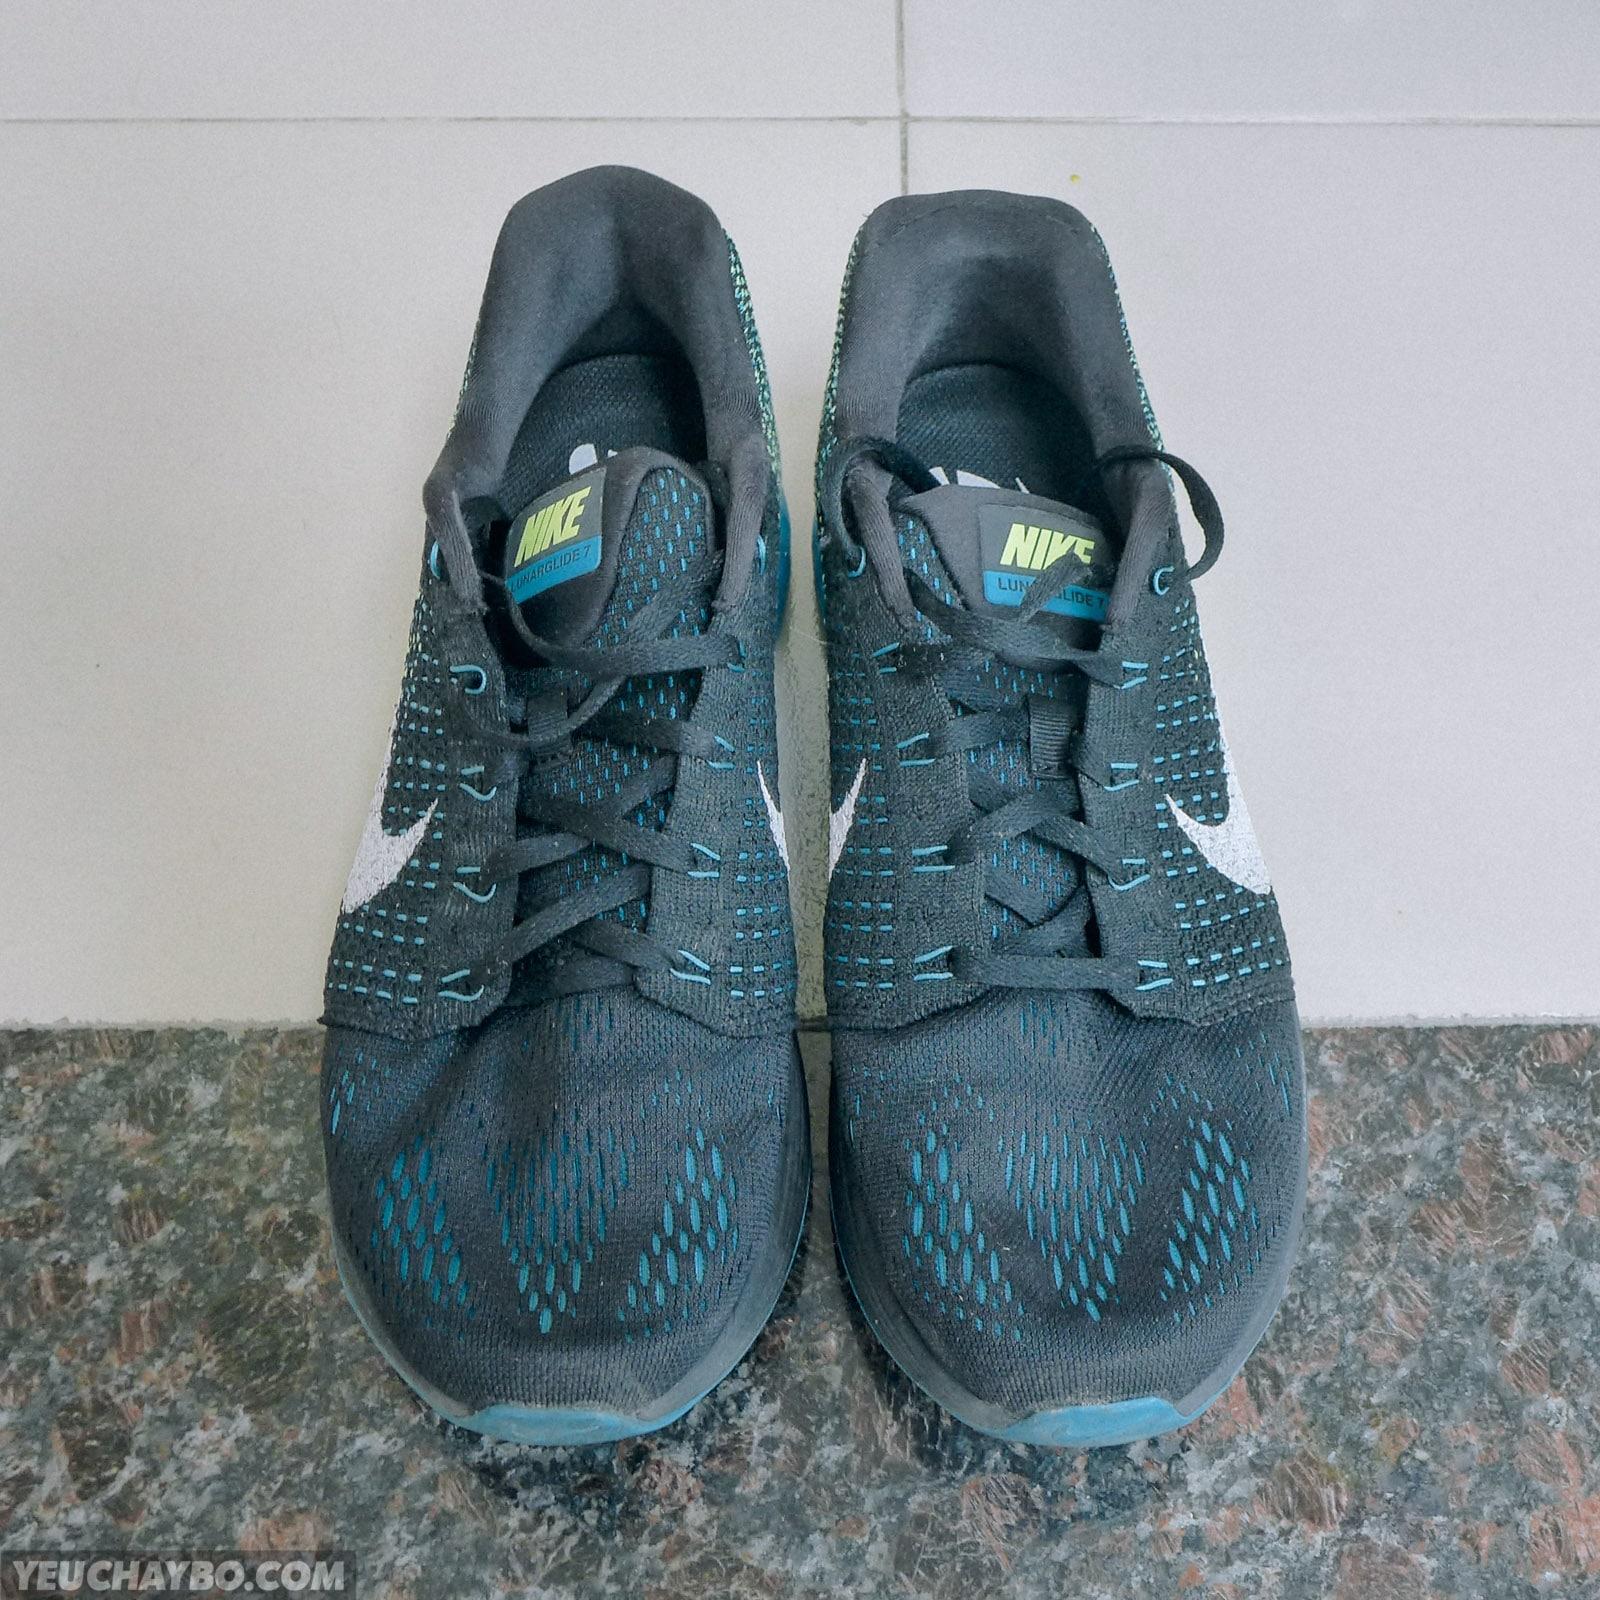 5cdbc3de9038d Đánh giá Nike LunarGlide 7 - Đáp ứng sự kỳ vọng • Trang 4 trên 4 ...